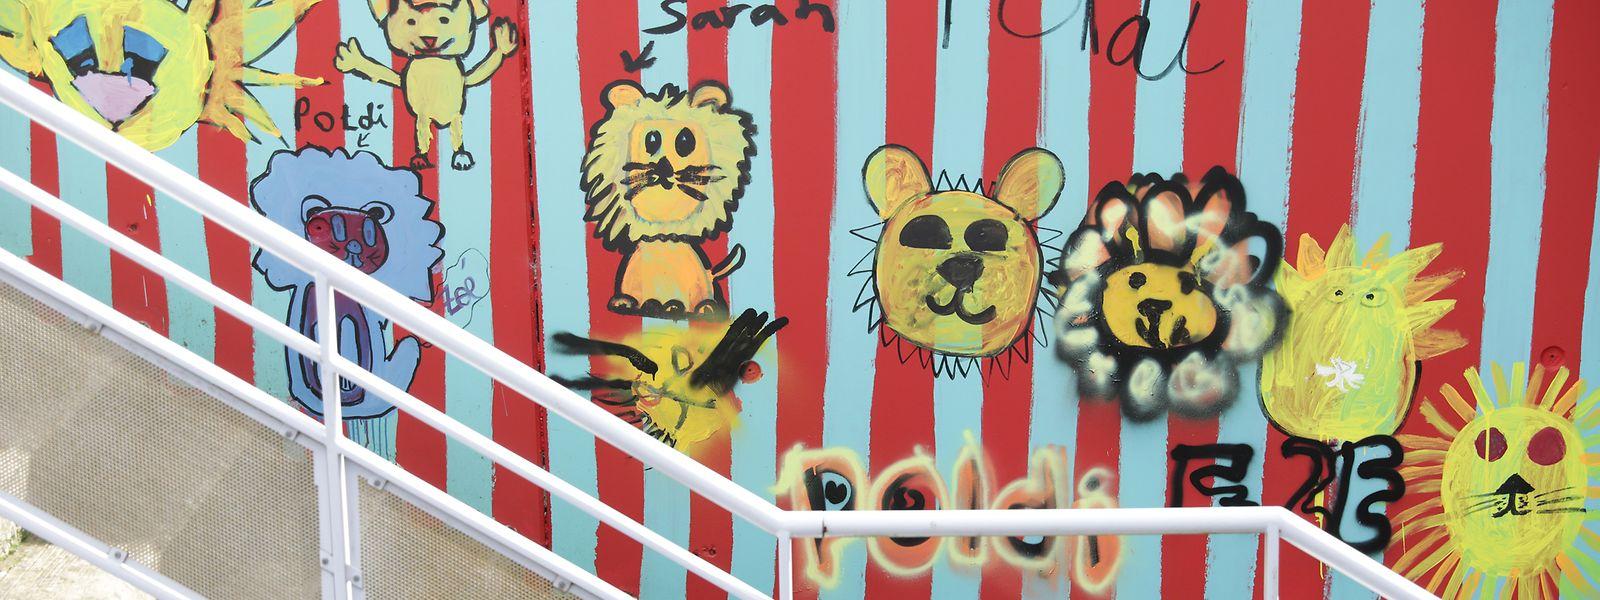 An einer Wand am Haupteingang der Stiftung Kriibskrank Kanner in Strassen sind Bilder des Maskottchen Poldi zu finden.